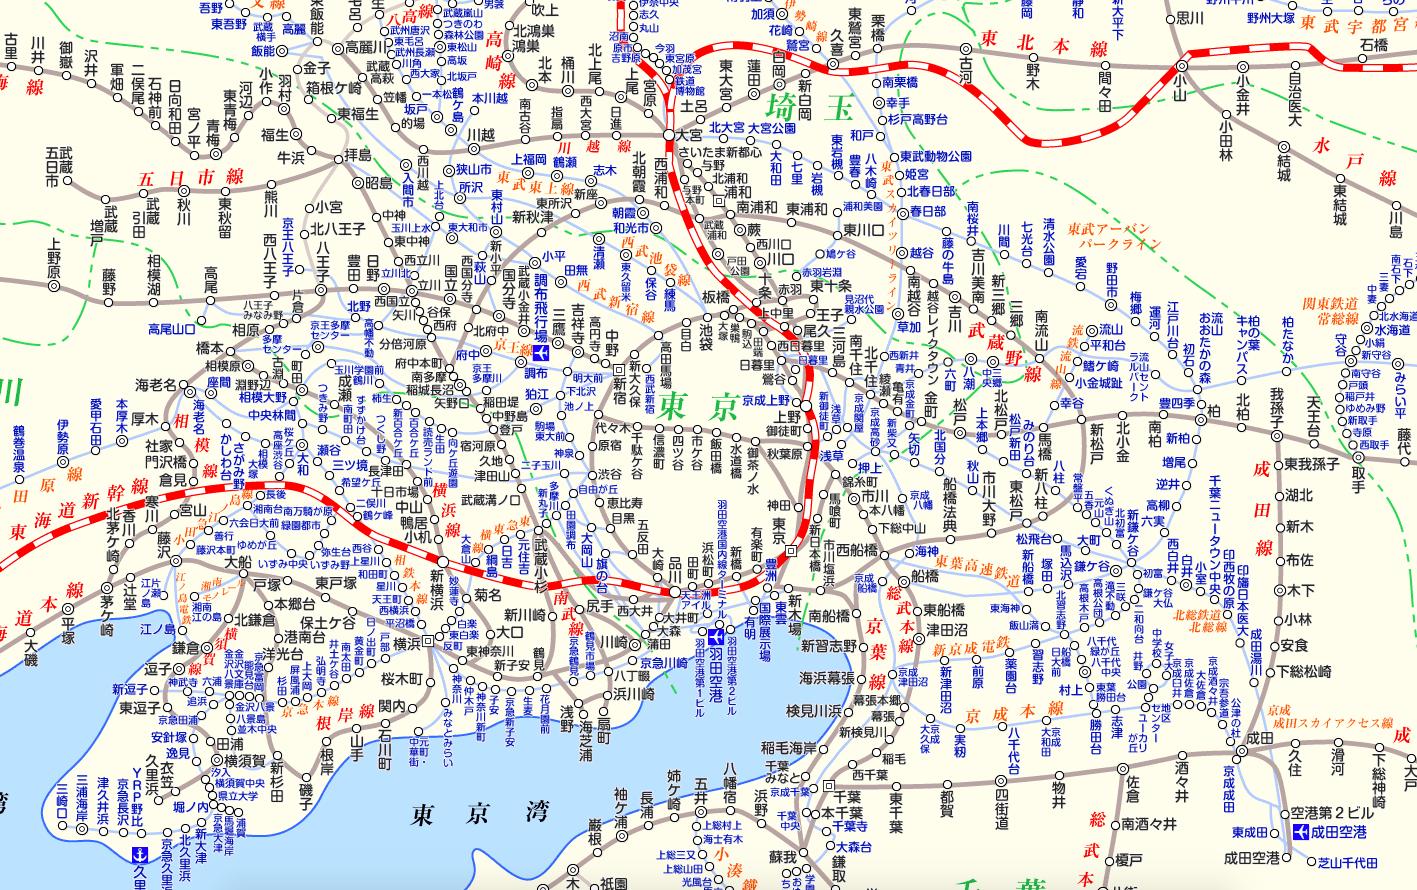 """全国版鉄道路線図の新たなカタチ、APIの提供で""""路線図のGoogle マップ""""目指す(5/21)"""